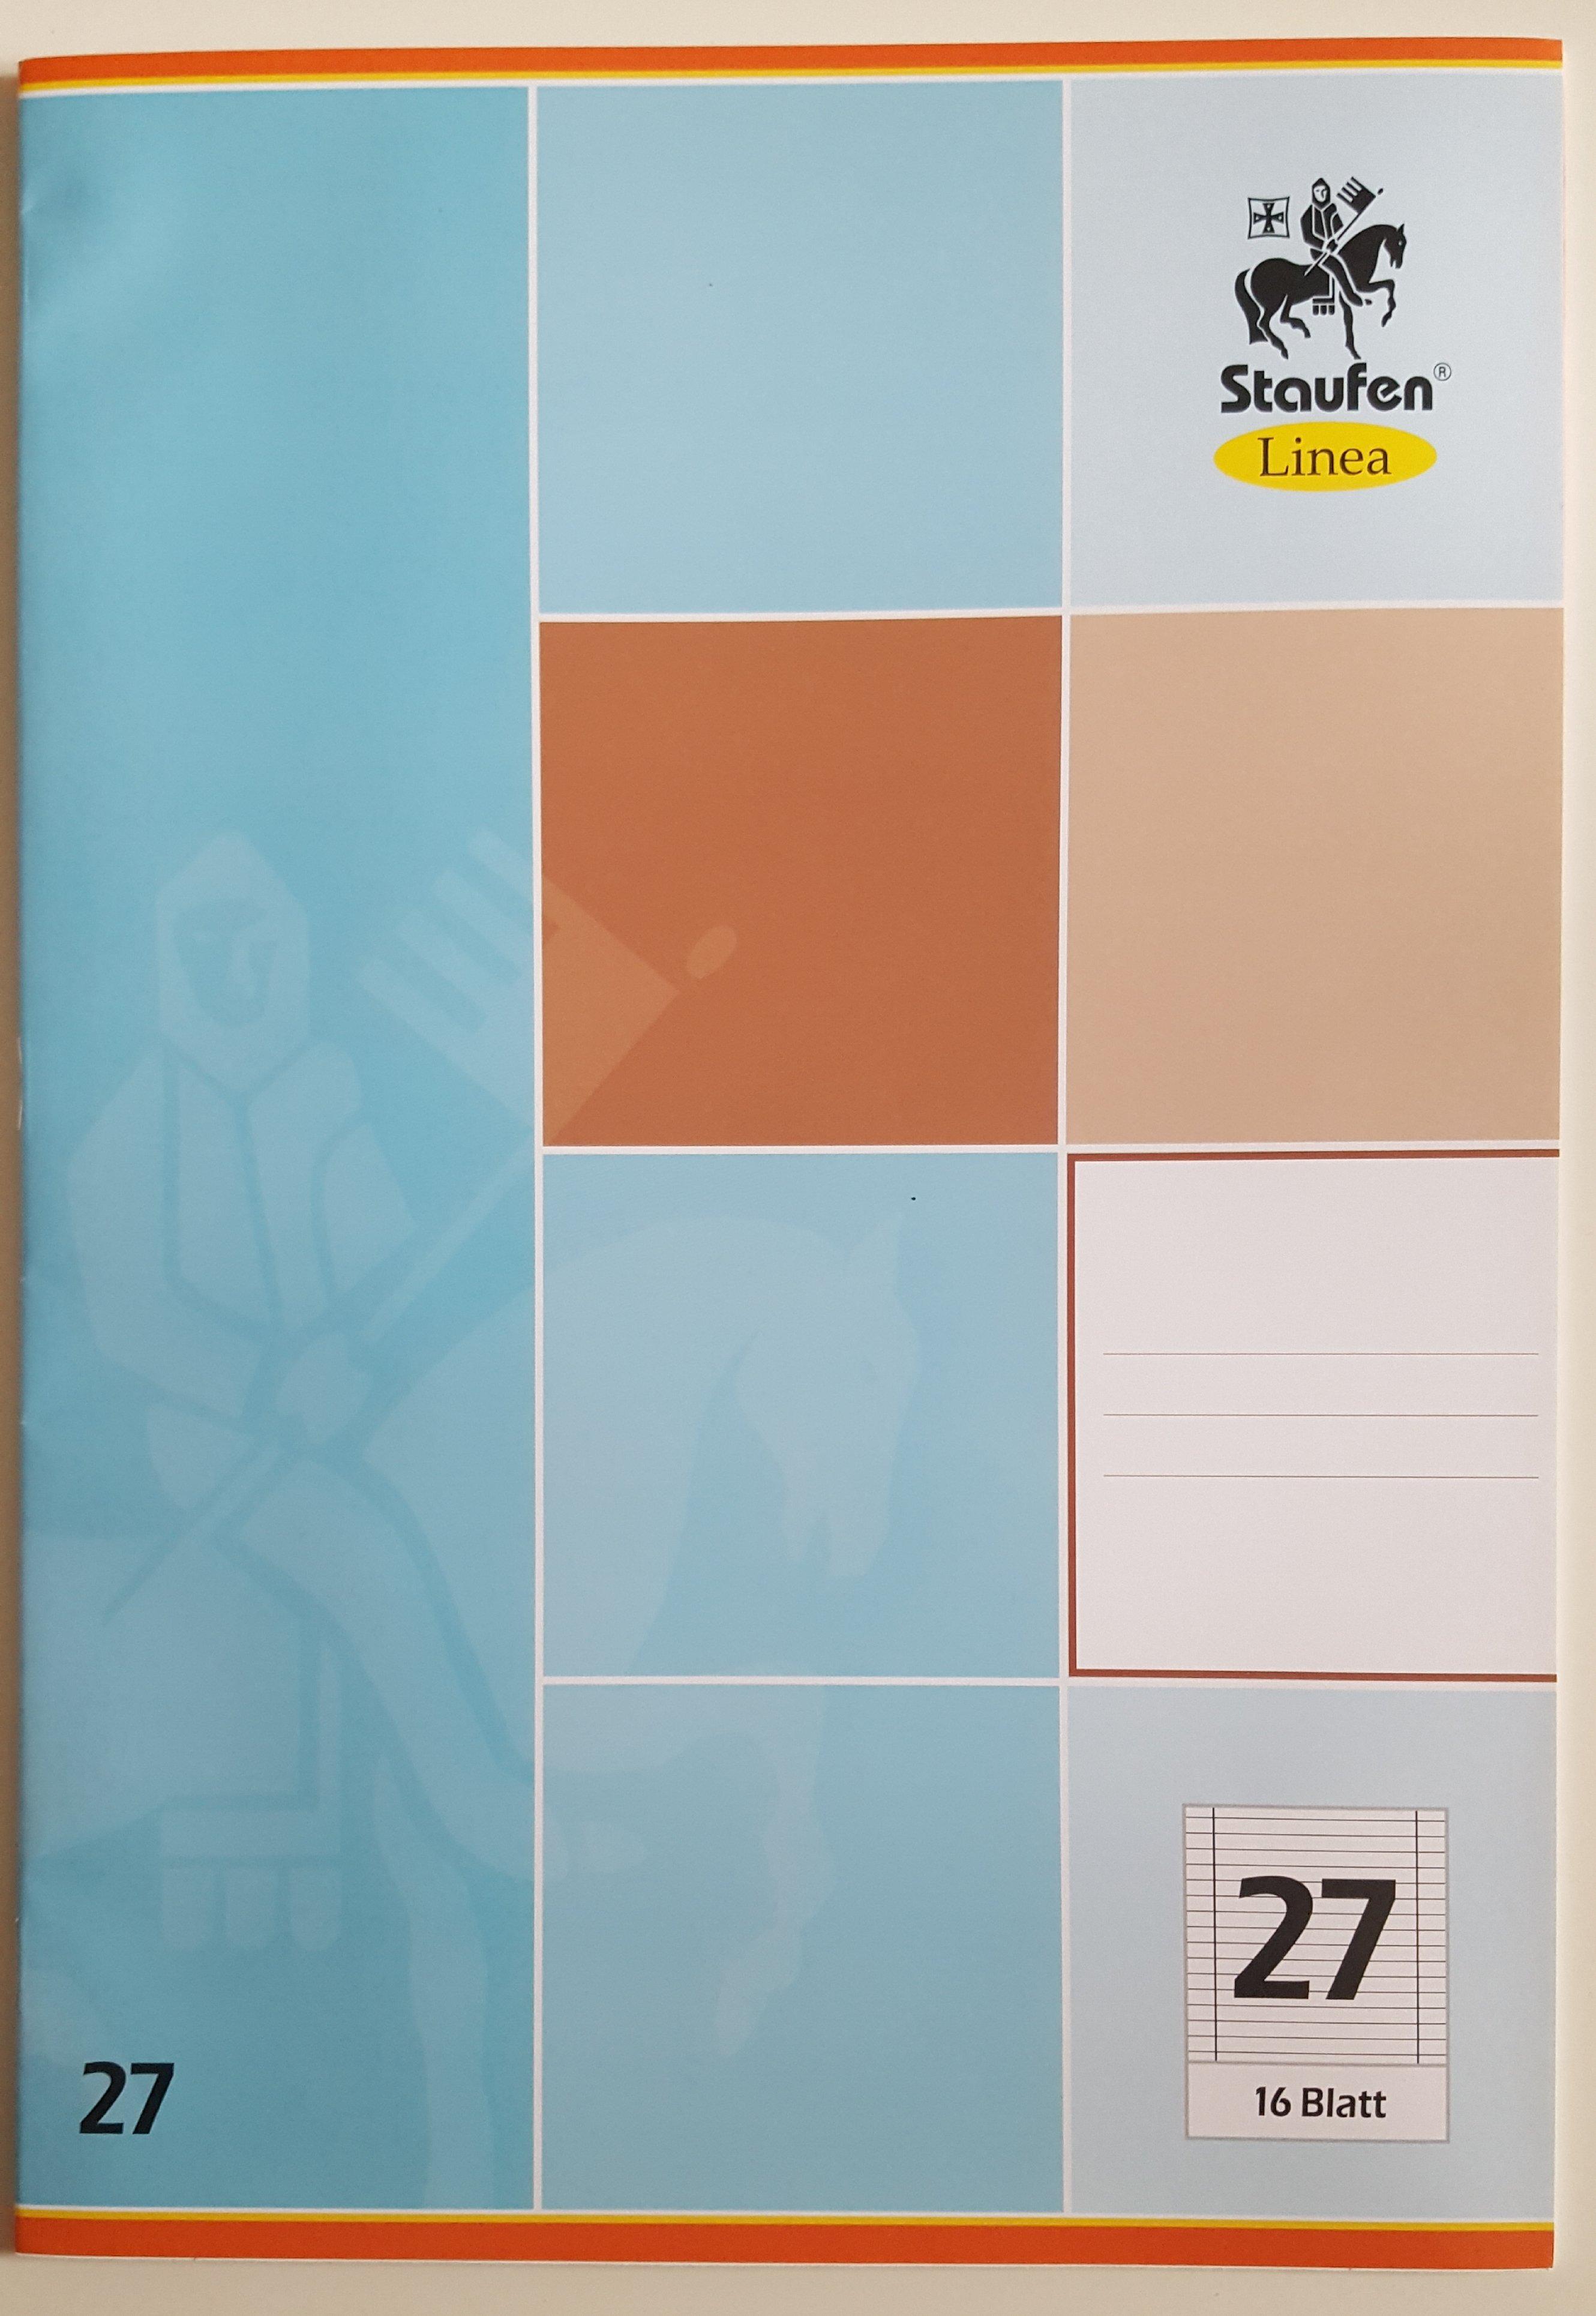 5er Set Schulheft Staufen Linea DIN A4 16 Blatt Liniert Lineatur 27 Doppelrand